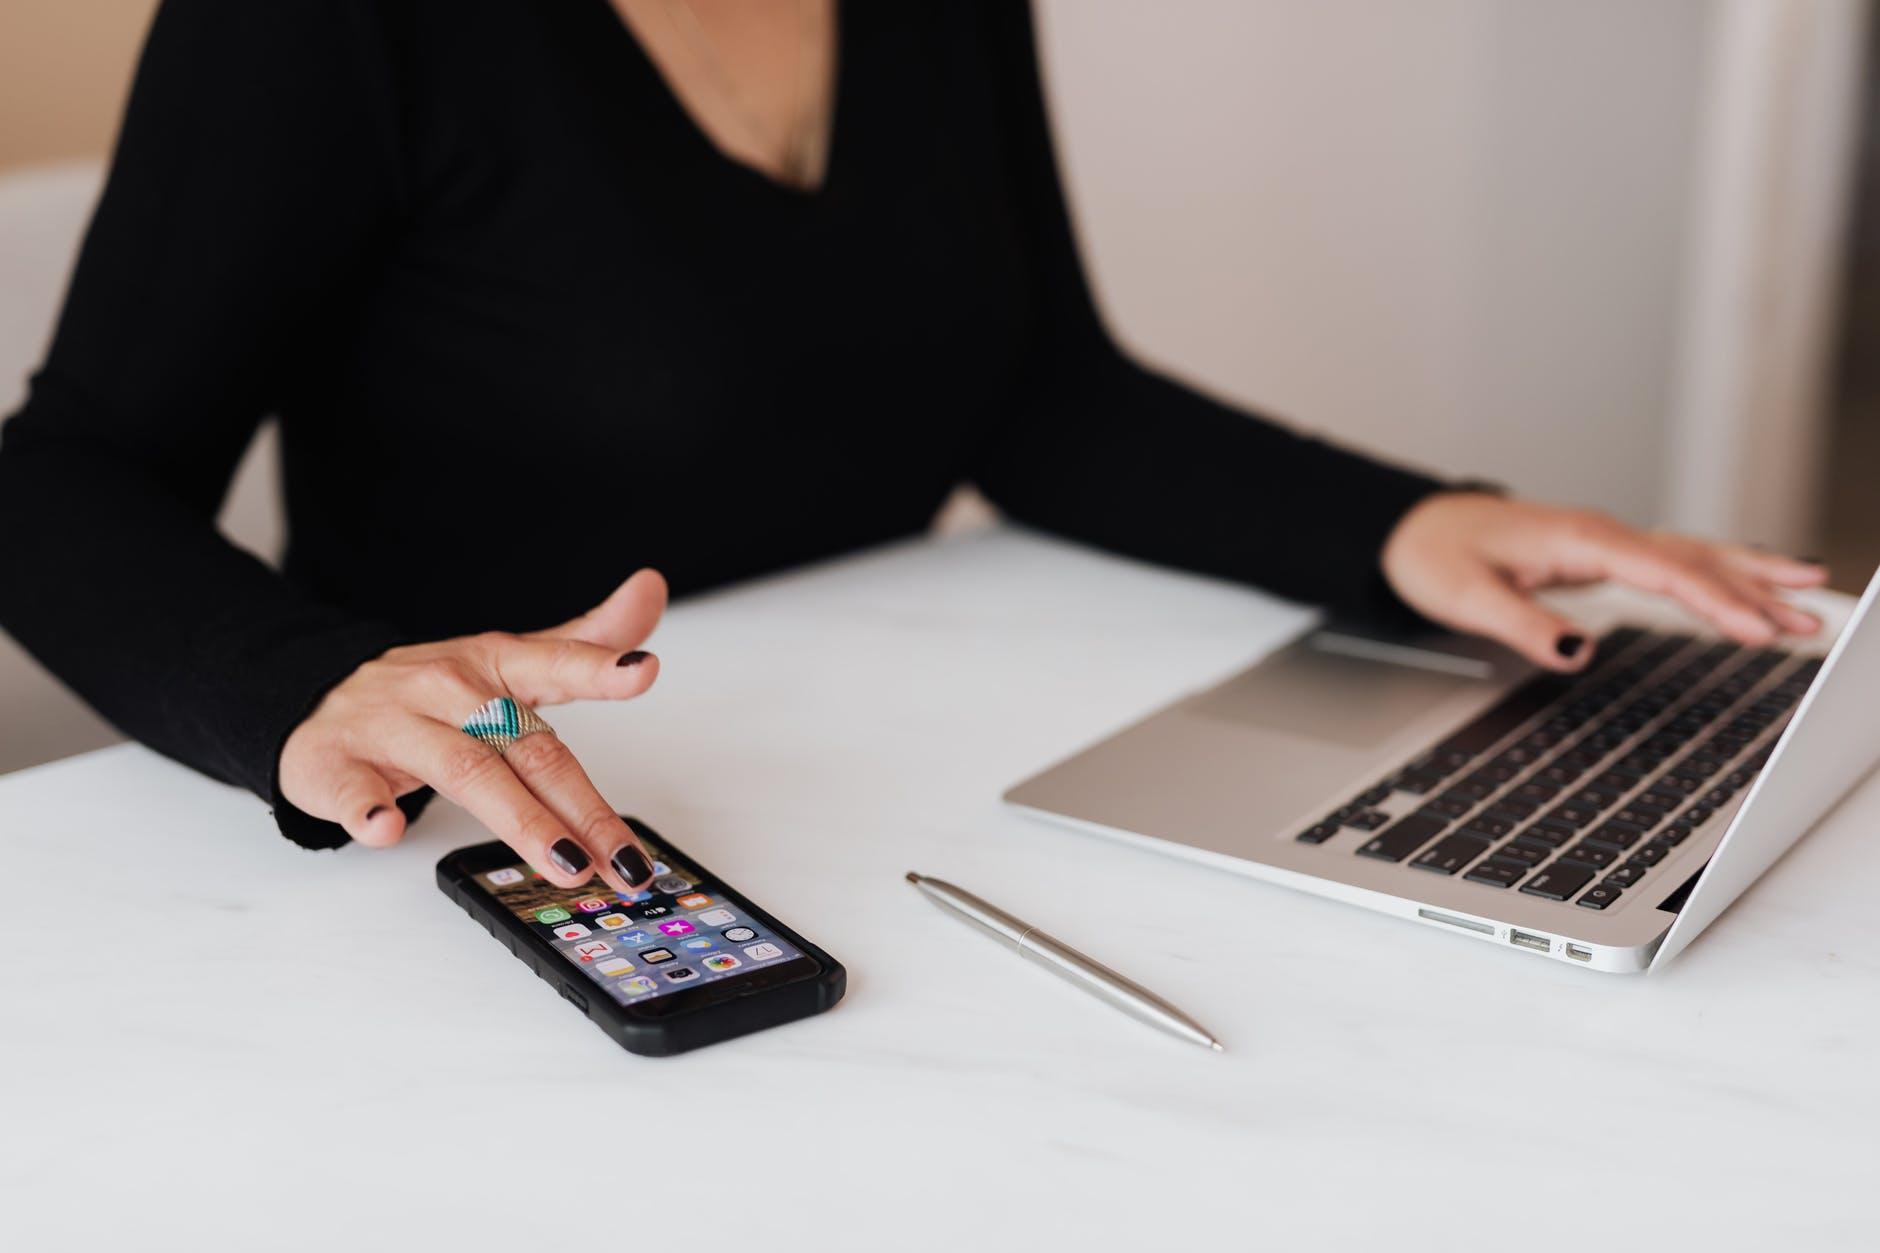 Miten puhelin voi tukea opiskelua?